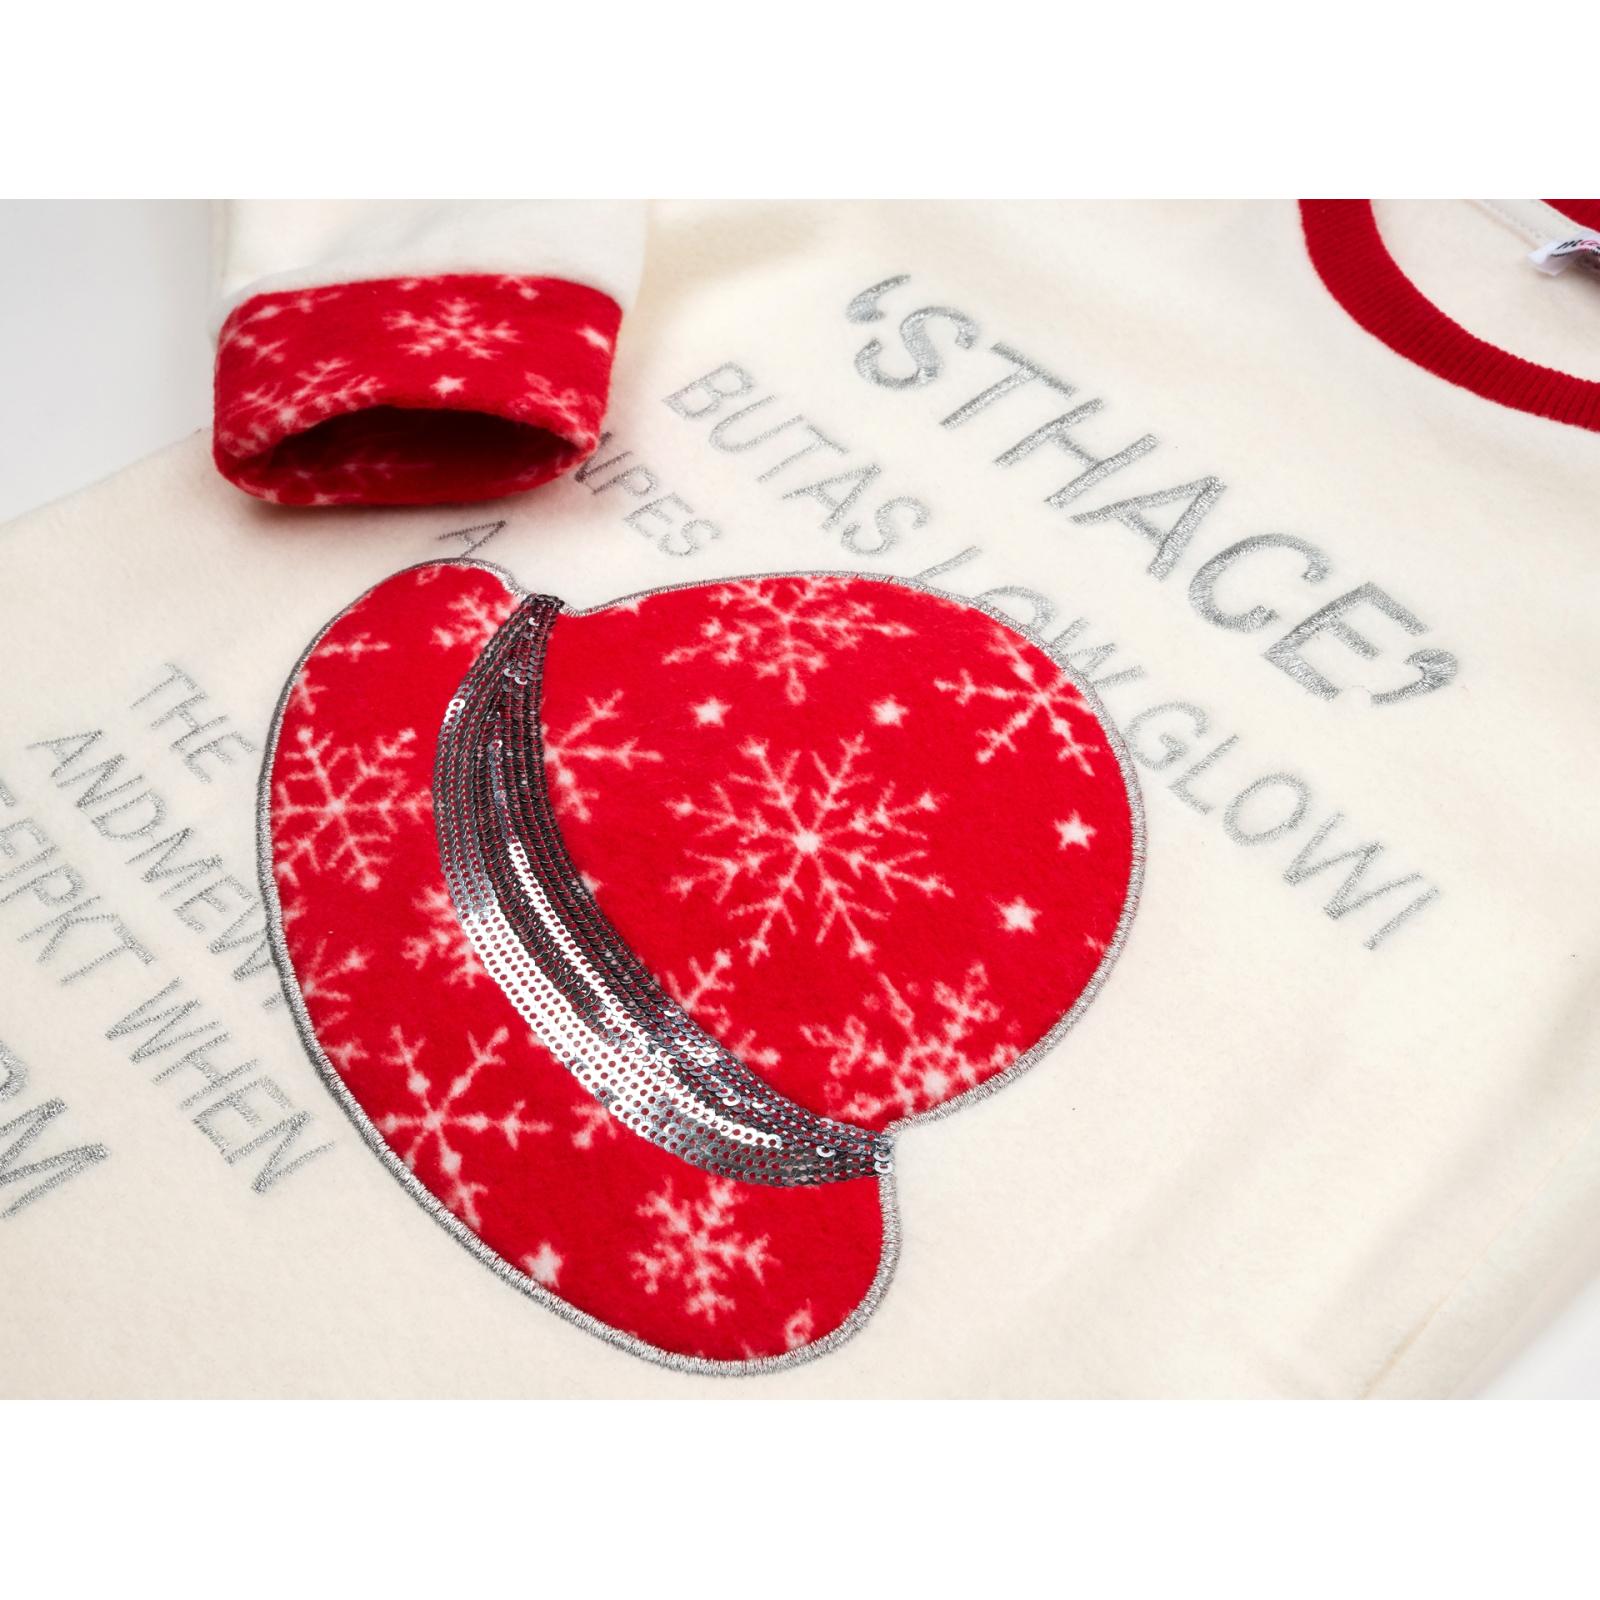 Пижама Matilda флисовая со шляпкой (9110-3-134G-red) изображение 7